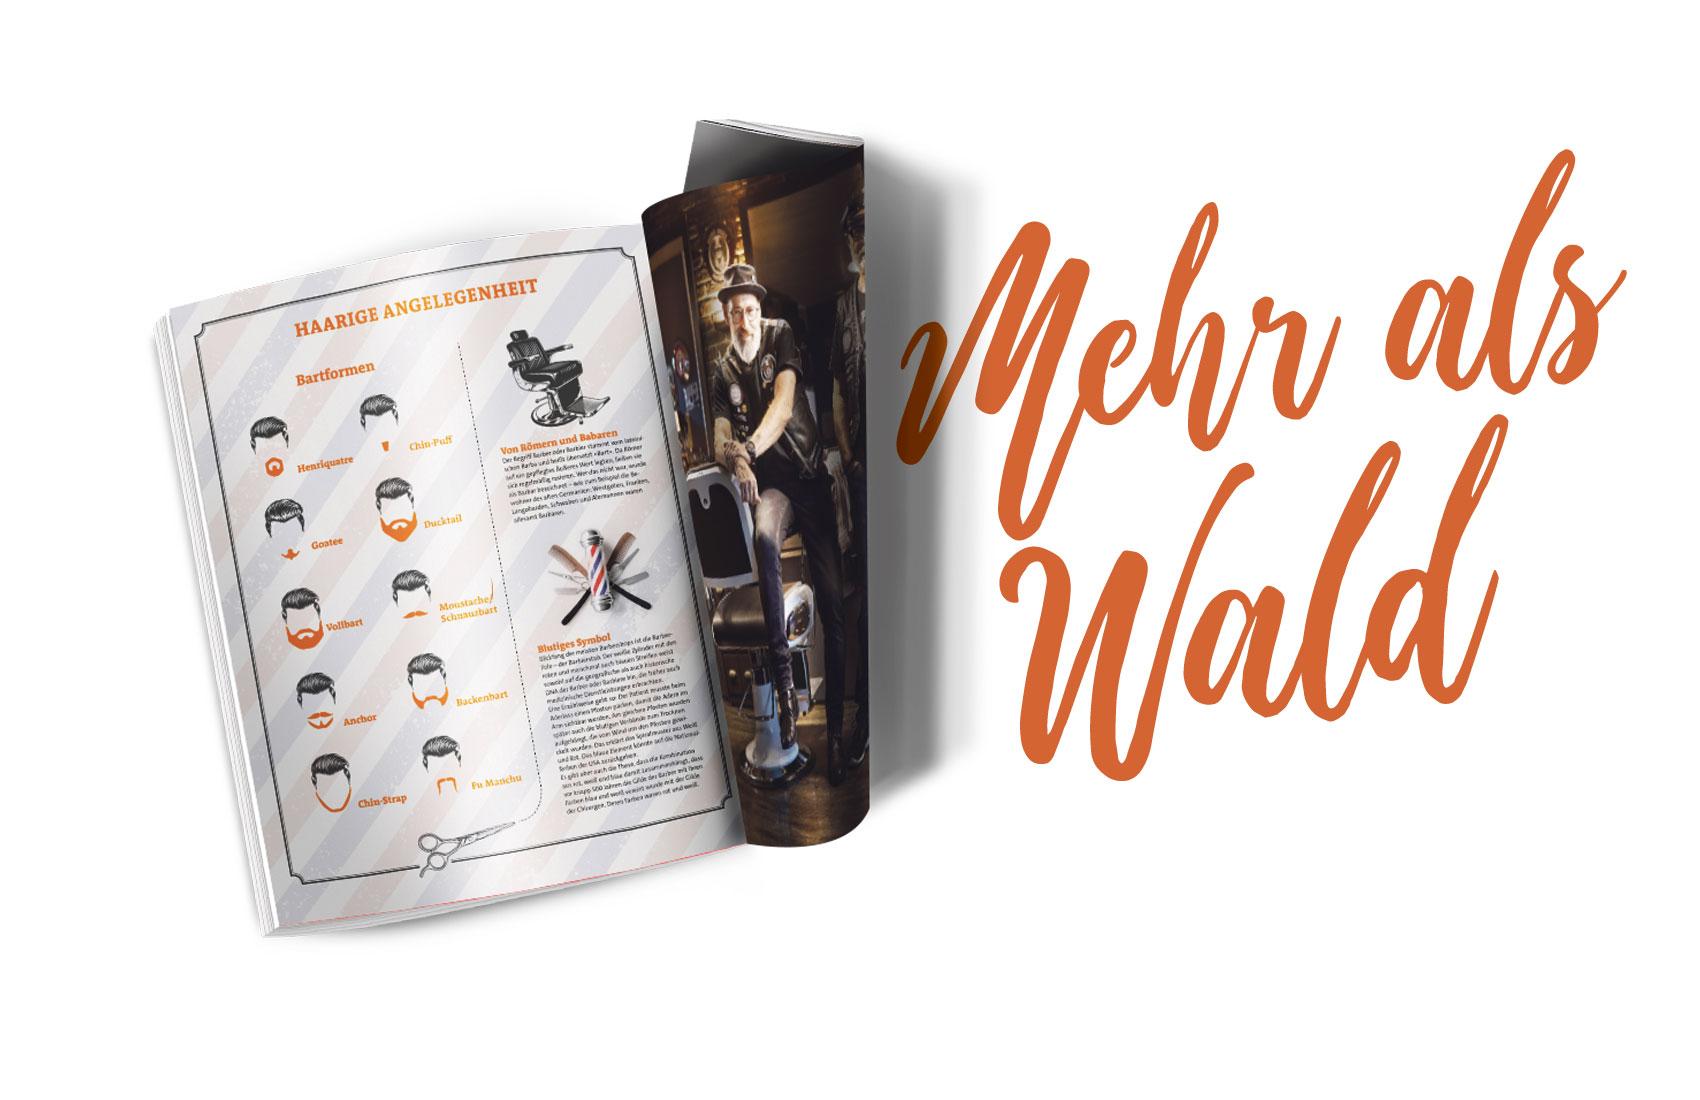 Seite des Magazins Waldrausch - Das Beste aus der Heimat mit Illustrationen zu verschiedenen Bartformen